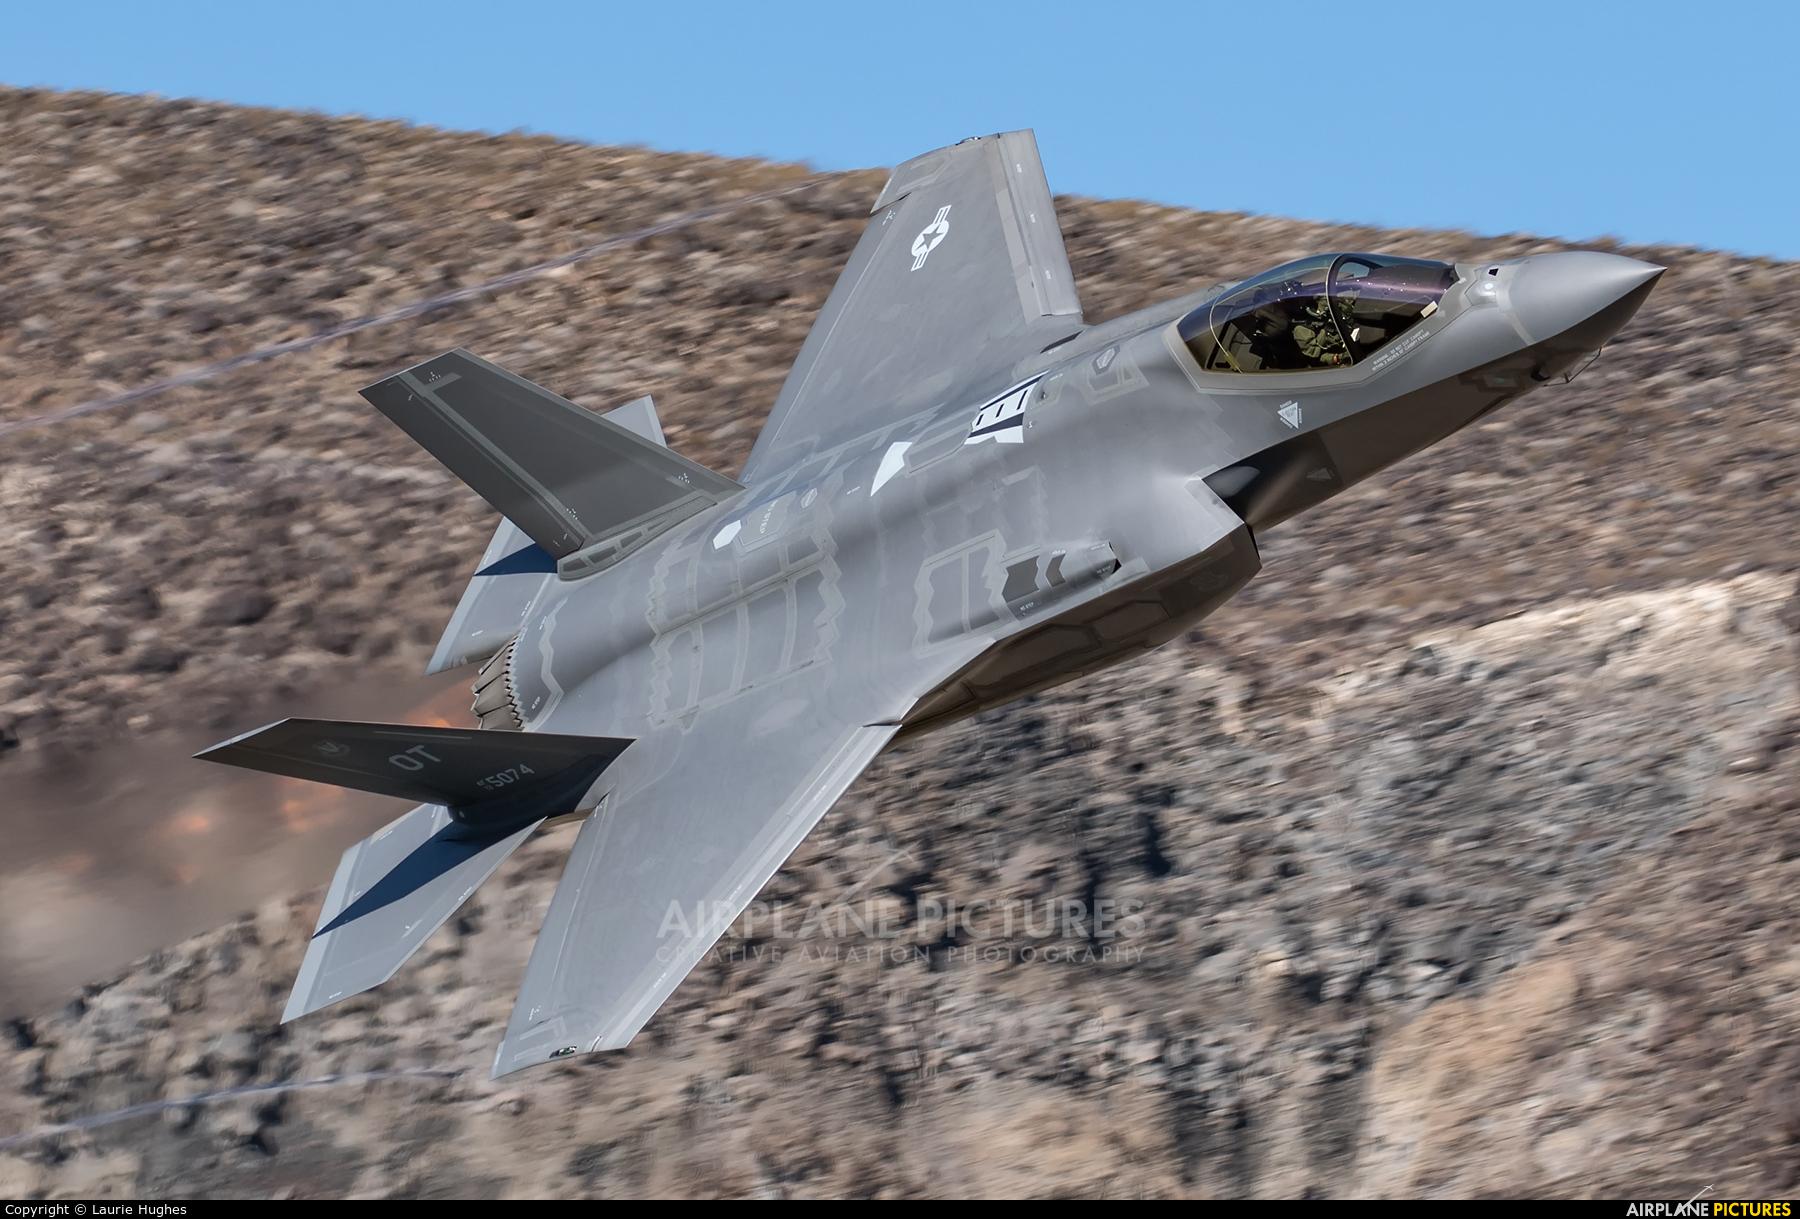 USA - Air Force 135074 aircraft at Rainbow Canyon - Off Airport